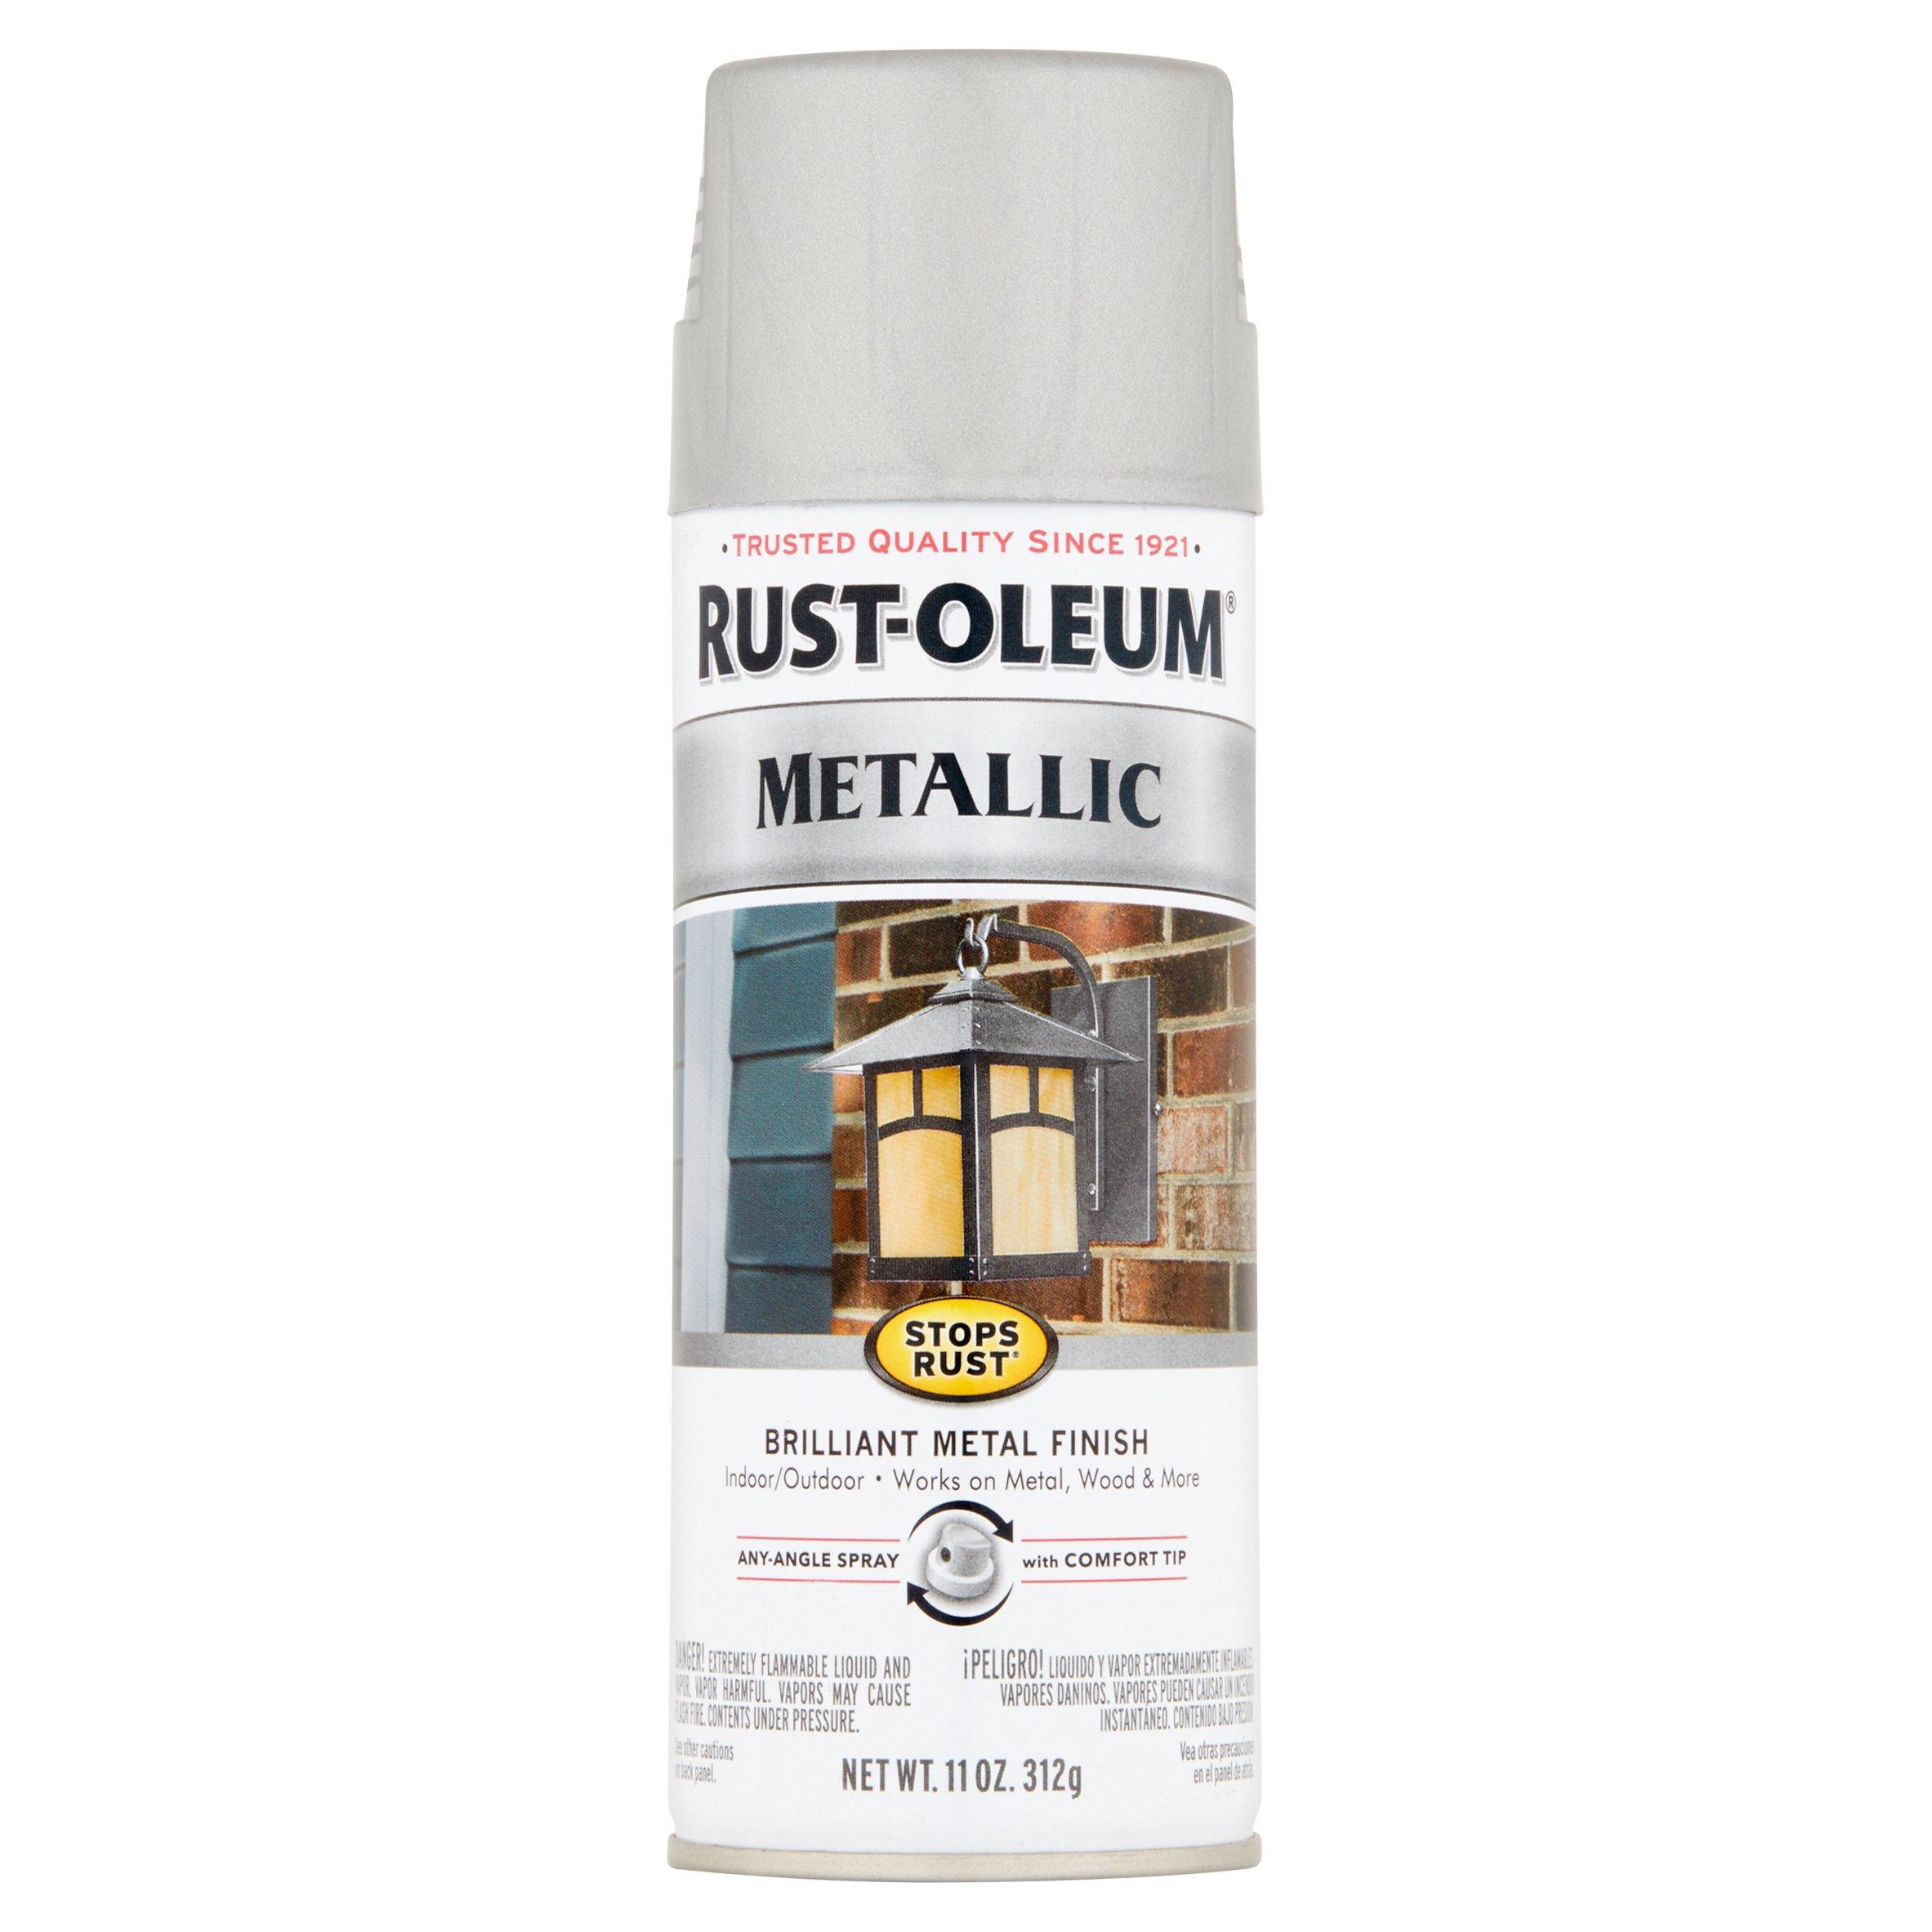 Rust-Oleum Stops Rust Silver Metallic Paint, 11 oz